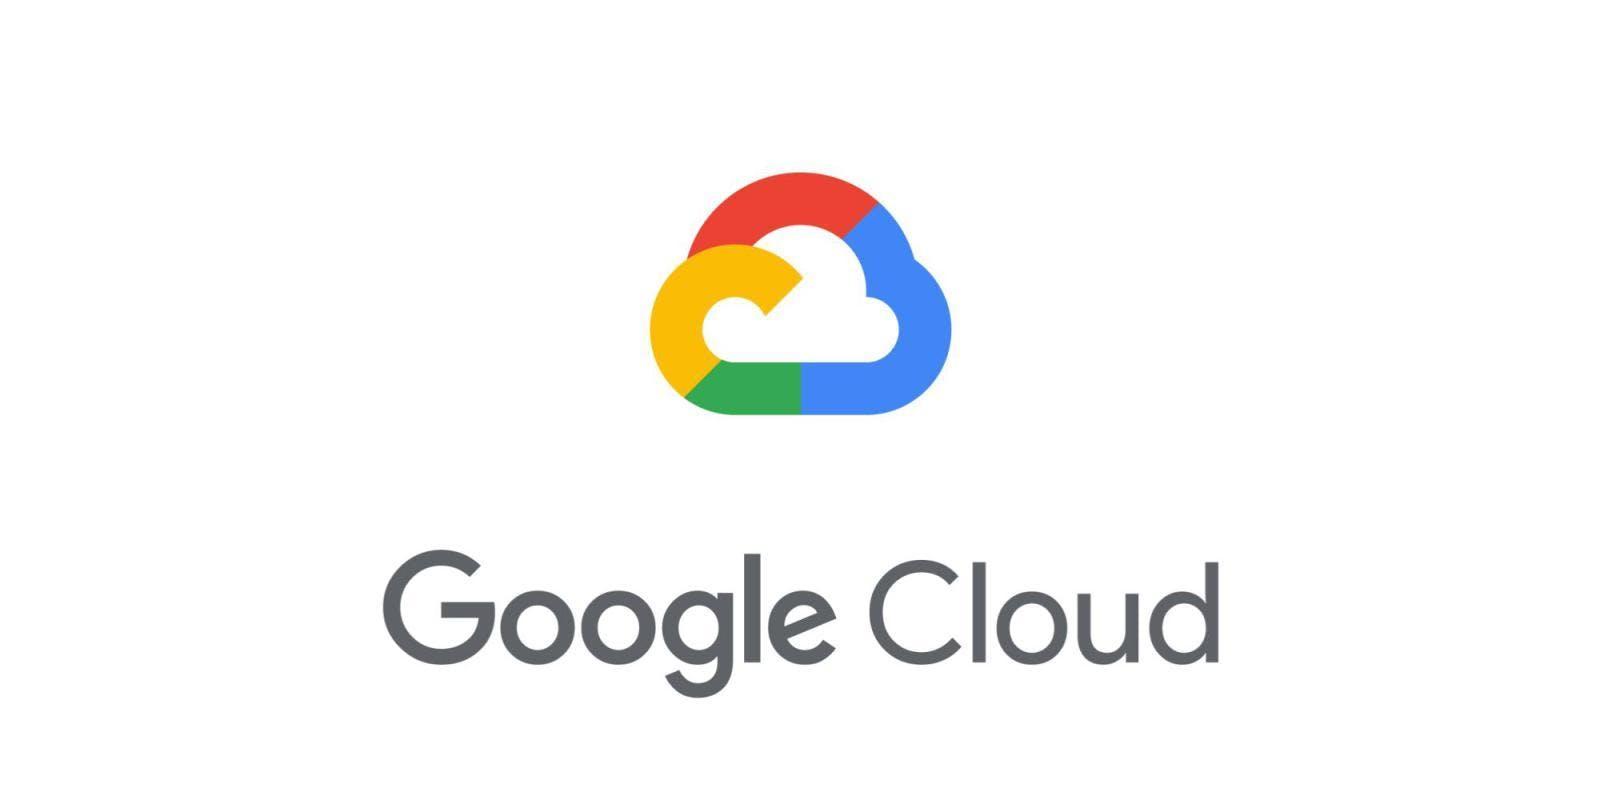 Meetup Google Cloud Developer Community - Google Actions & Dialogflow